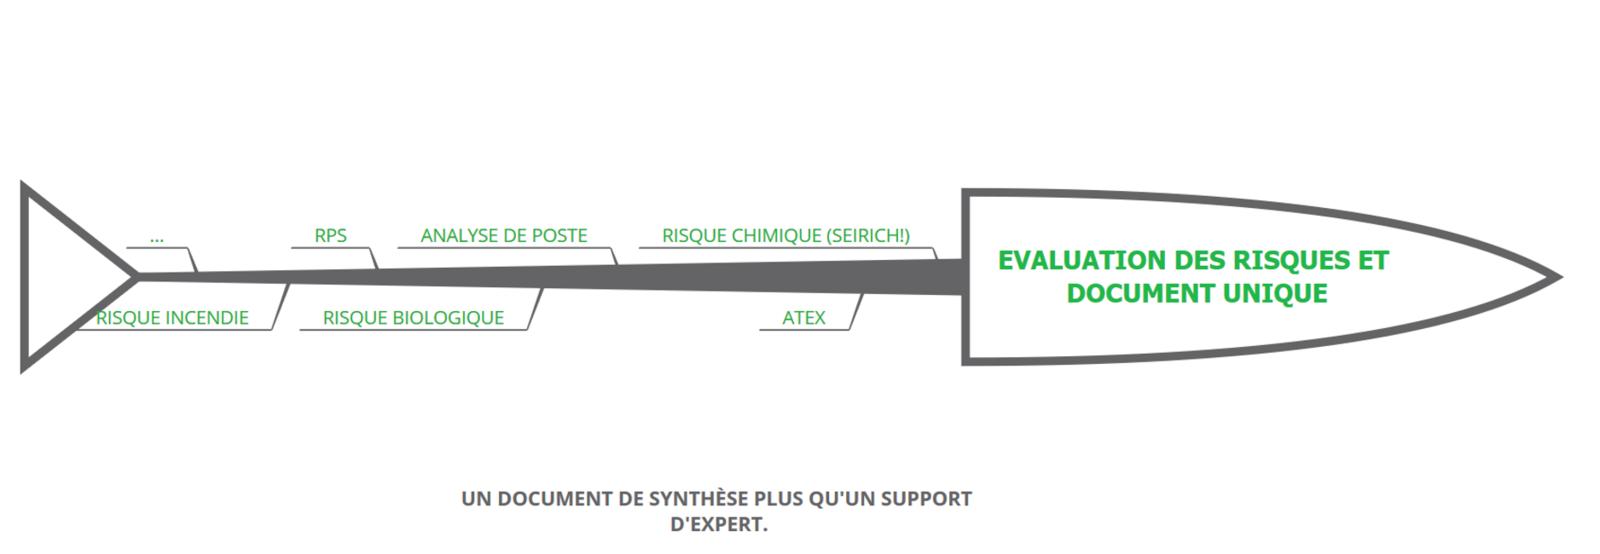 Des évaluations des risques multiples pour un document unique.